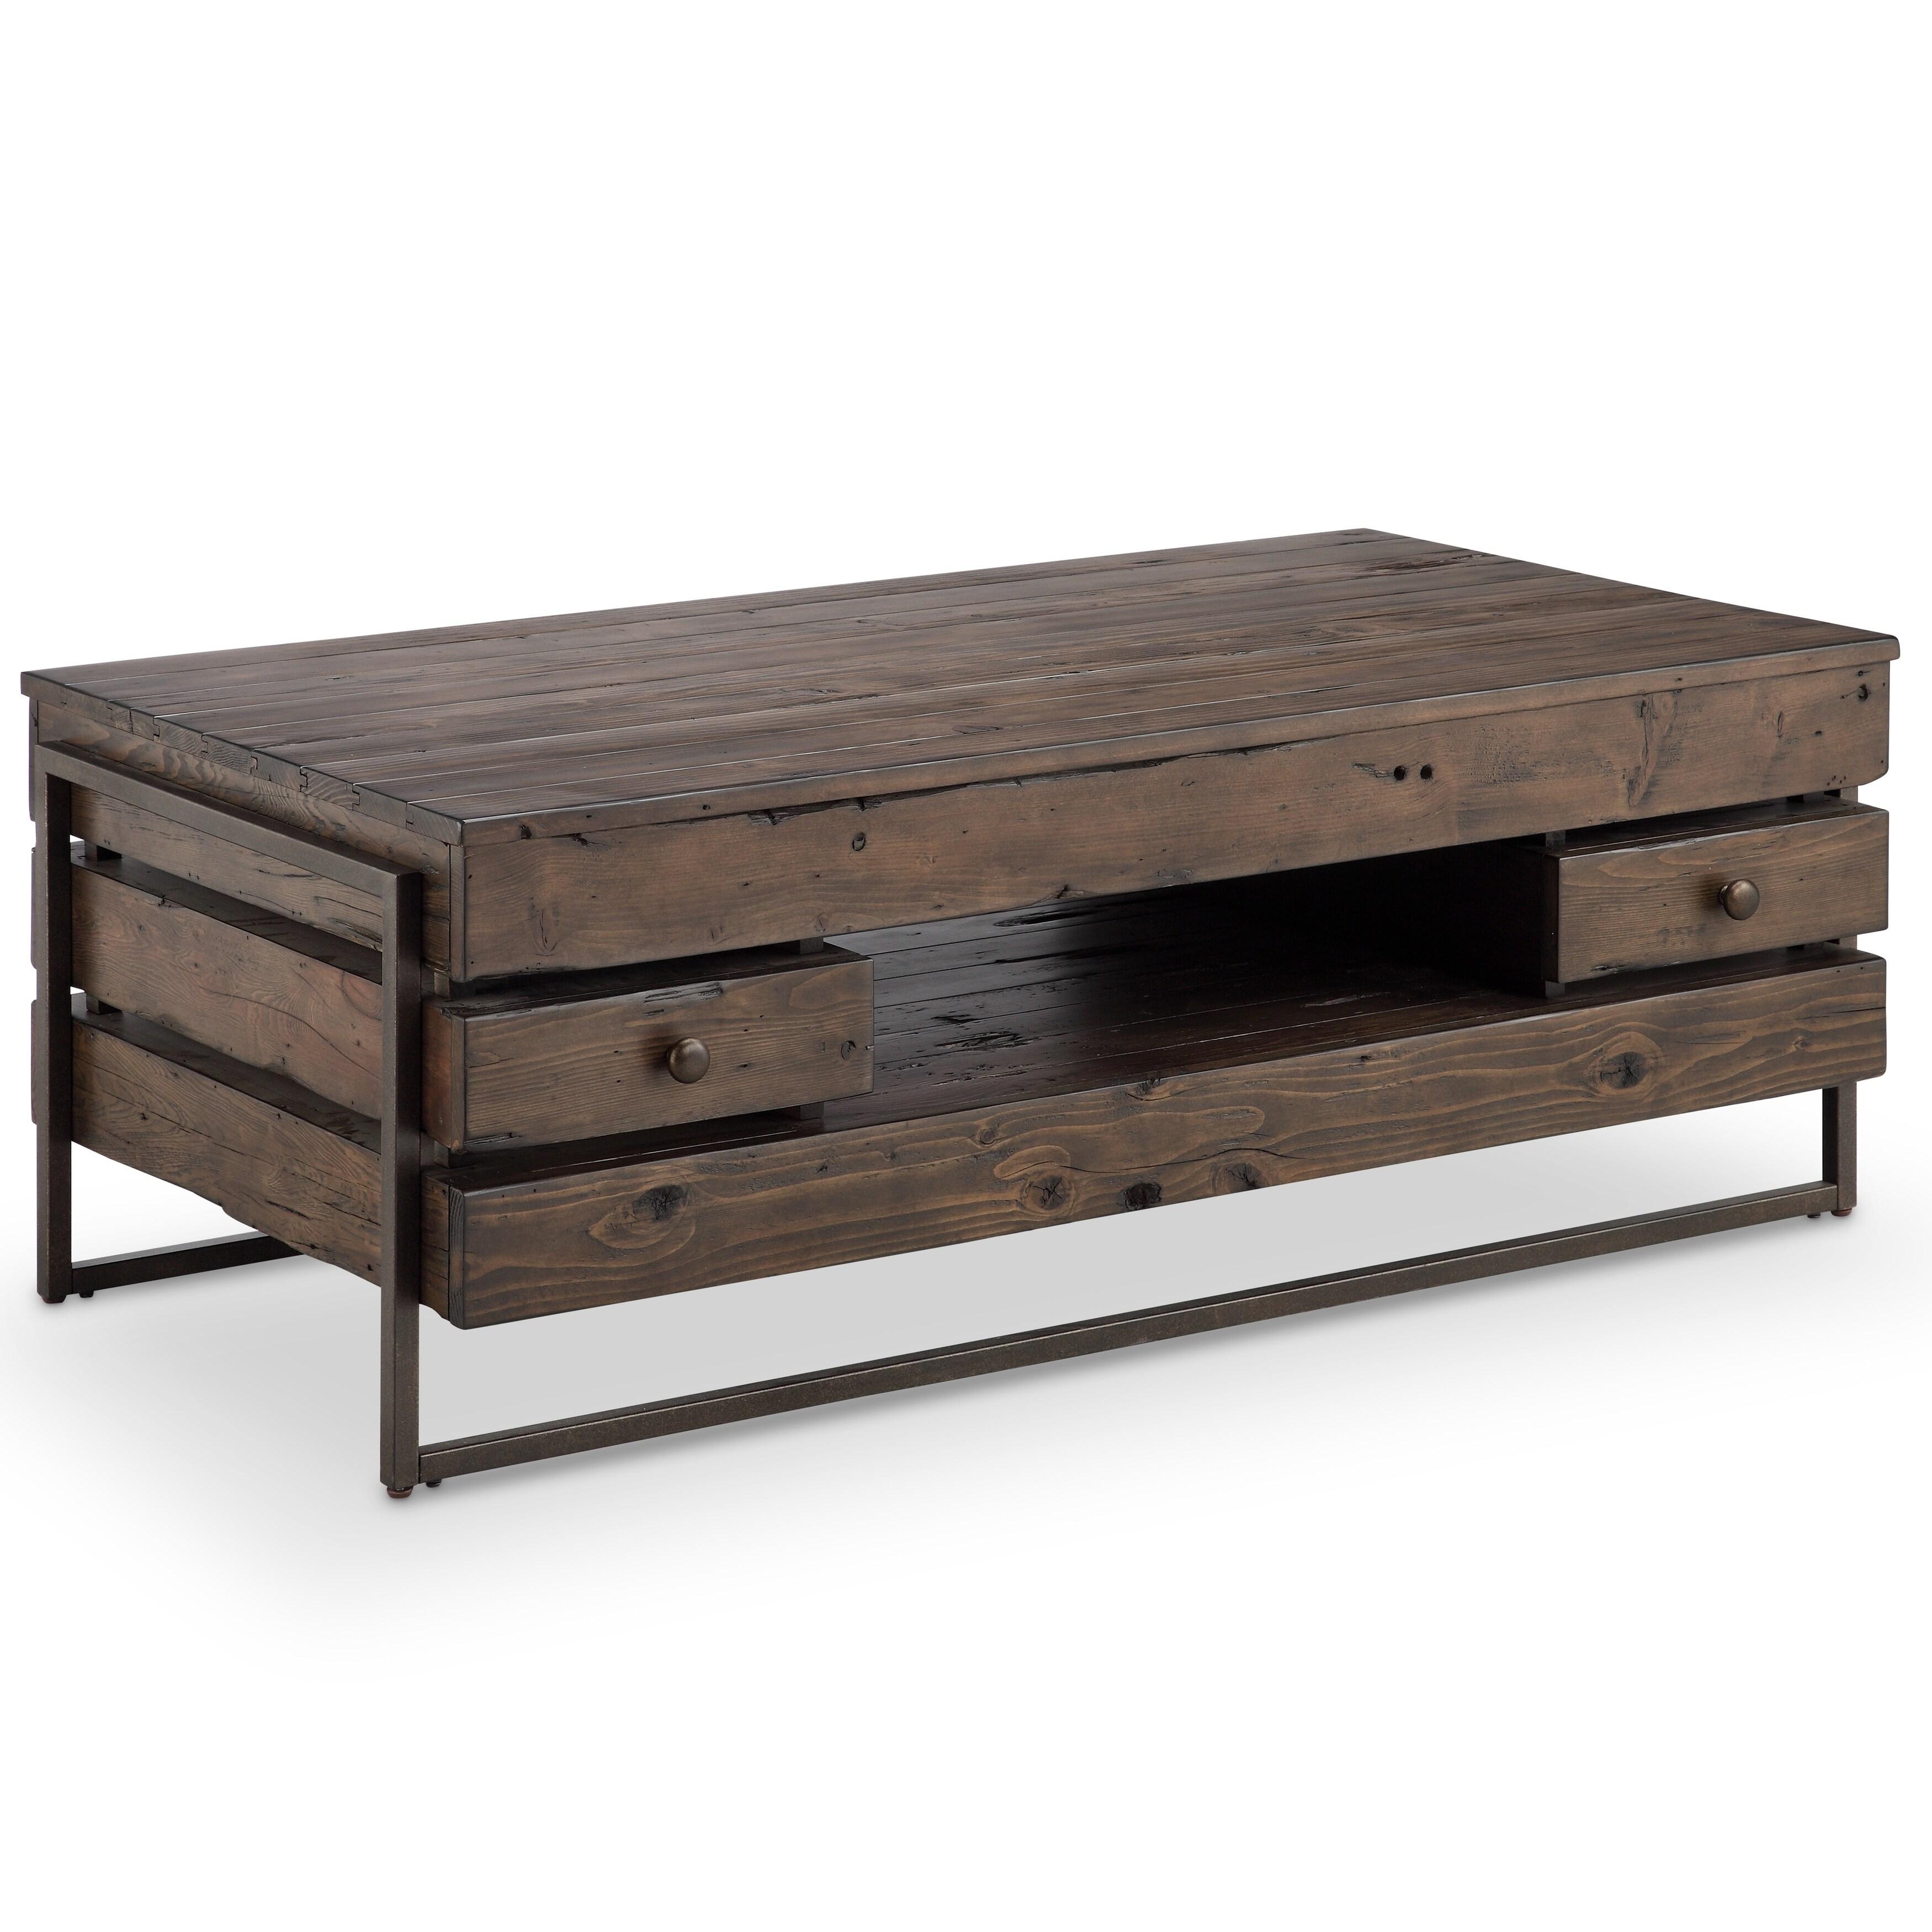 Shop Kirkwood Modern Rustic Dark Whiskey Reclaimed Wood Coffee Table